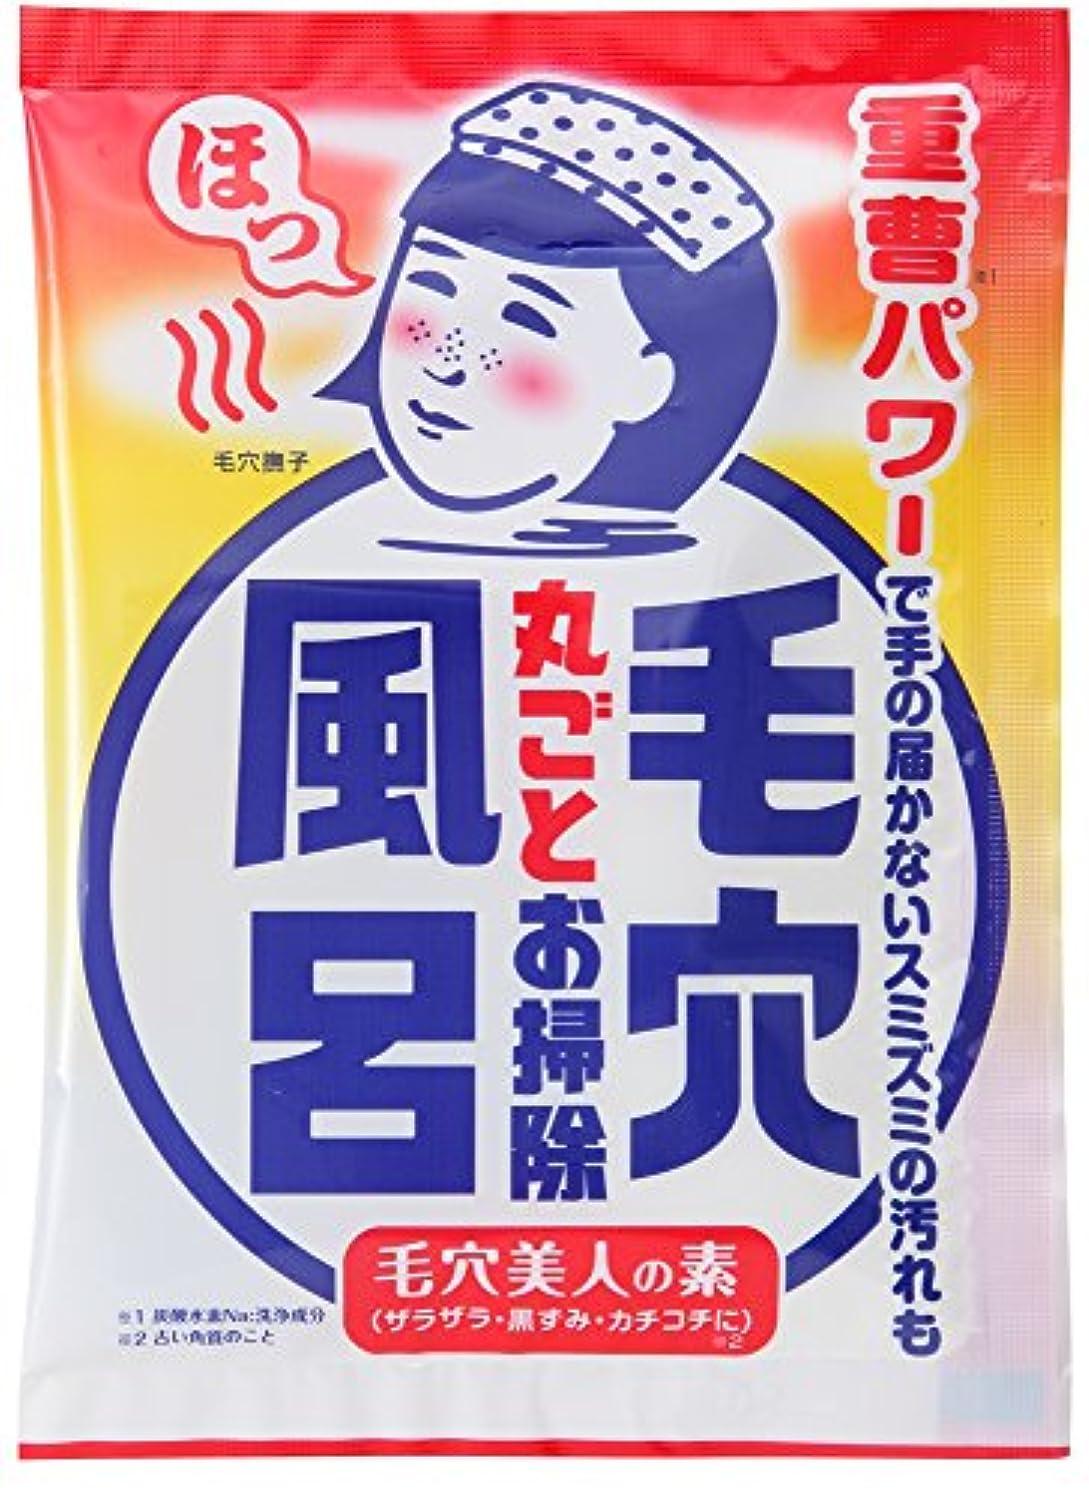 キャラクター病お茶毛穴撫子 重曹つるつる風呂 30g